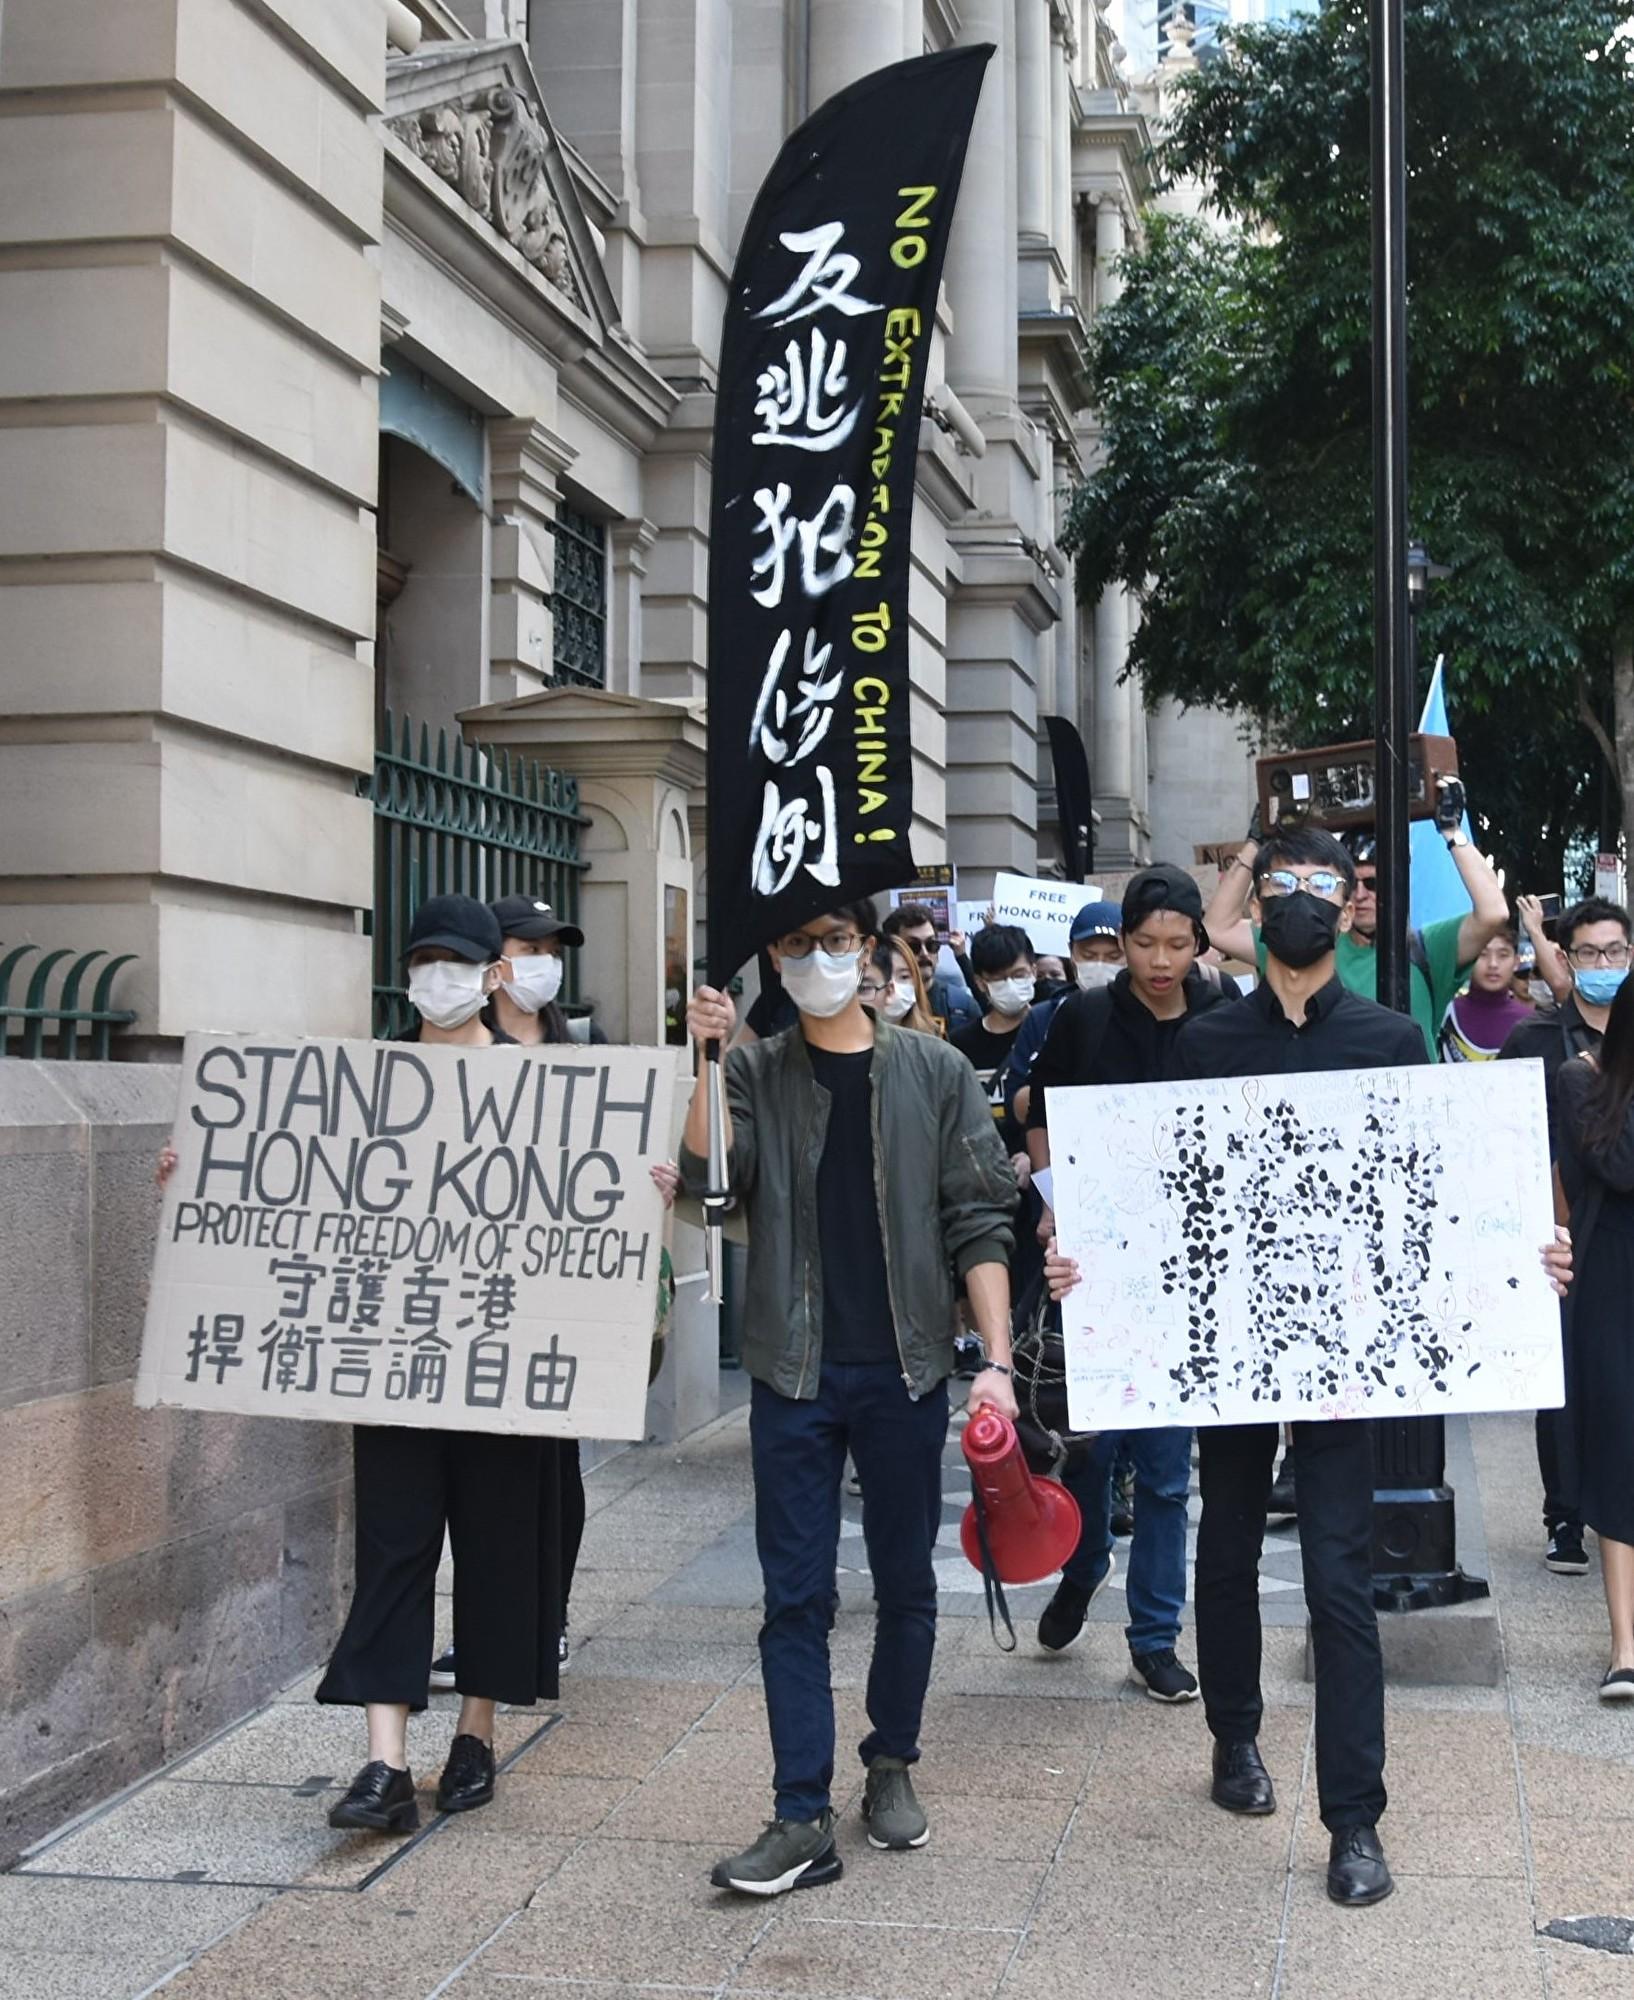 布里斯本香港留學生遊行反暴力 聲援反送中